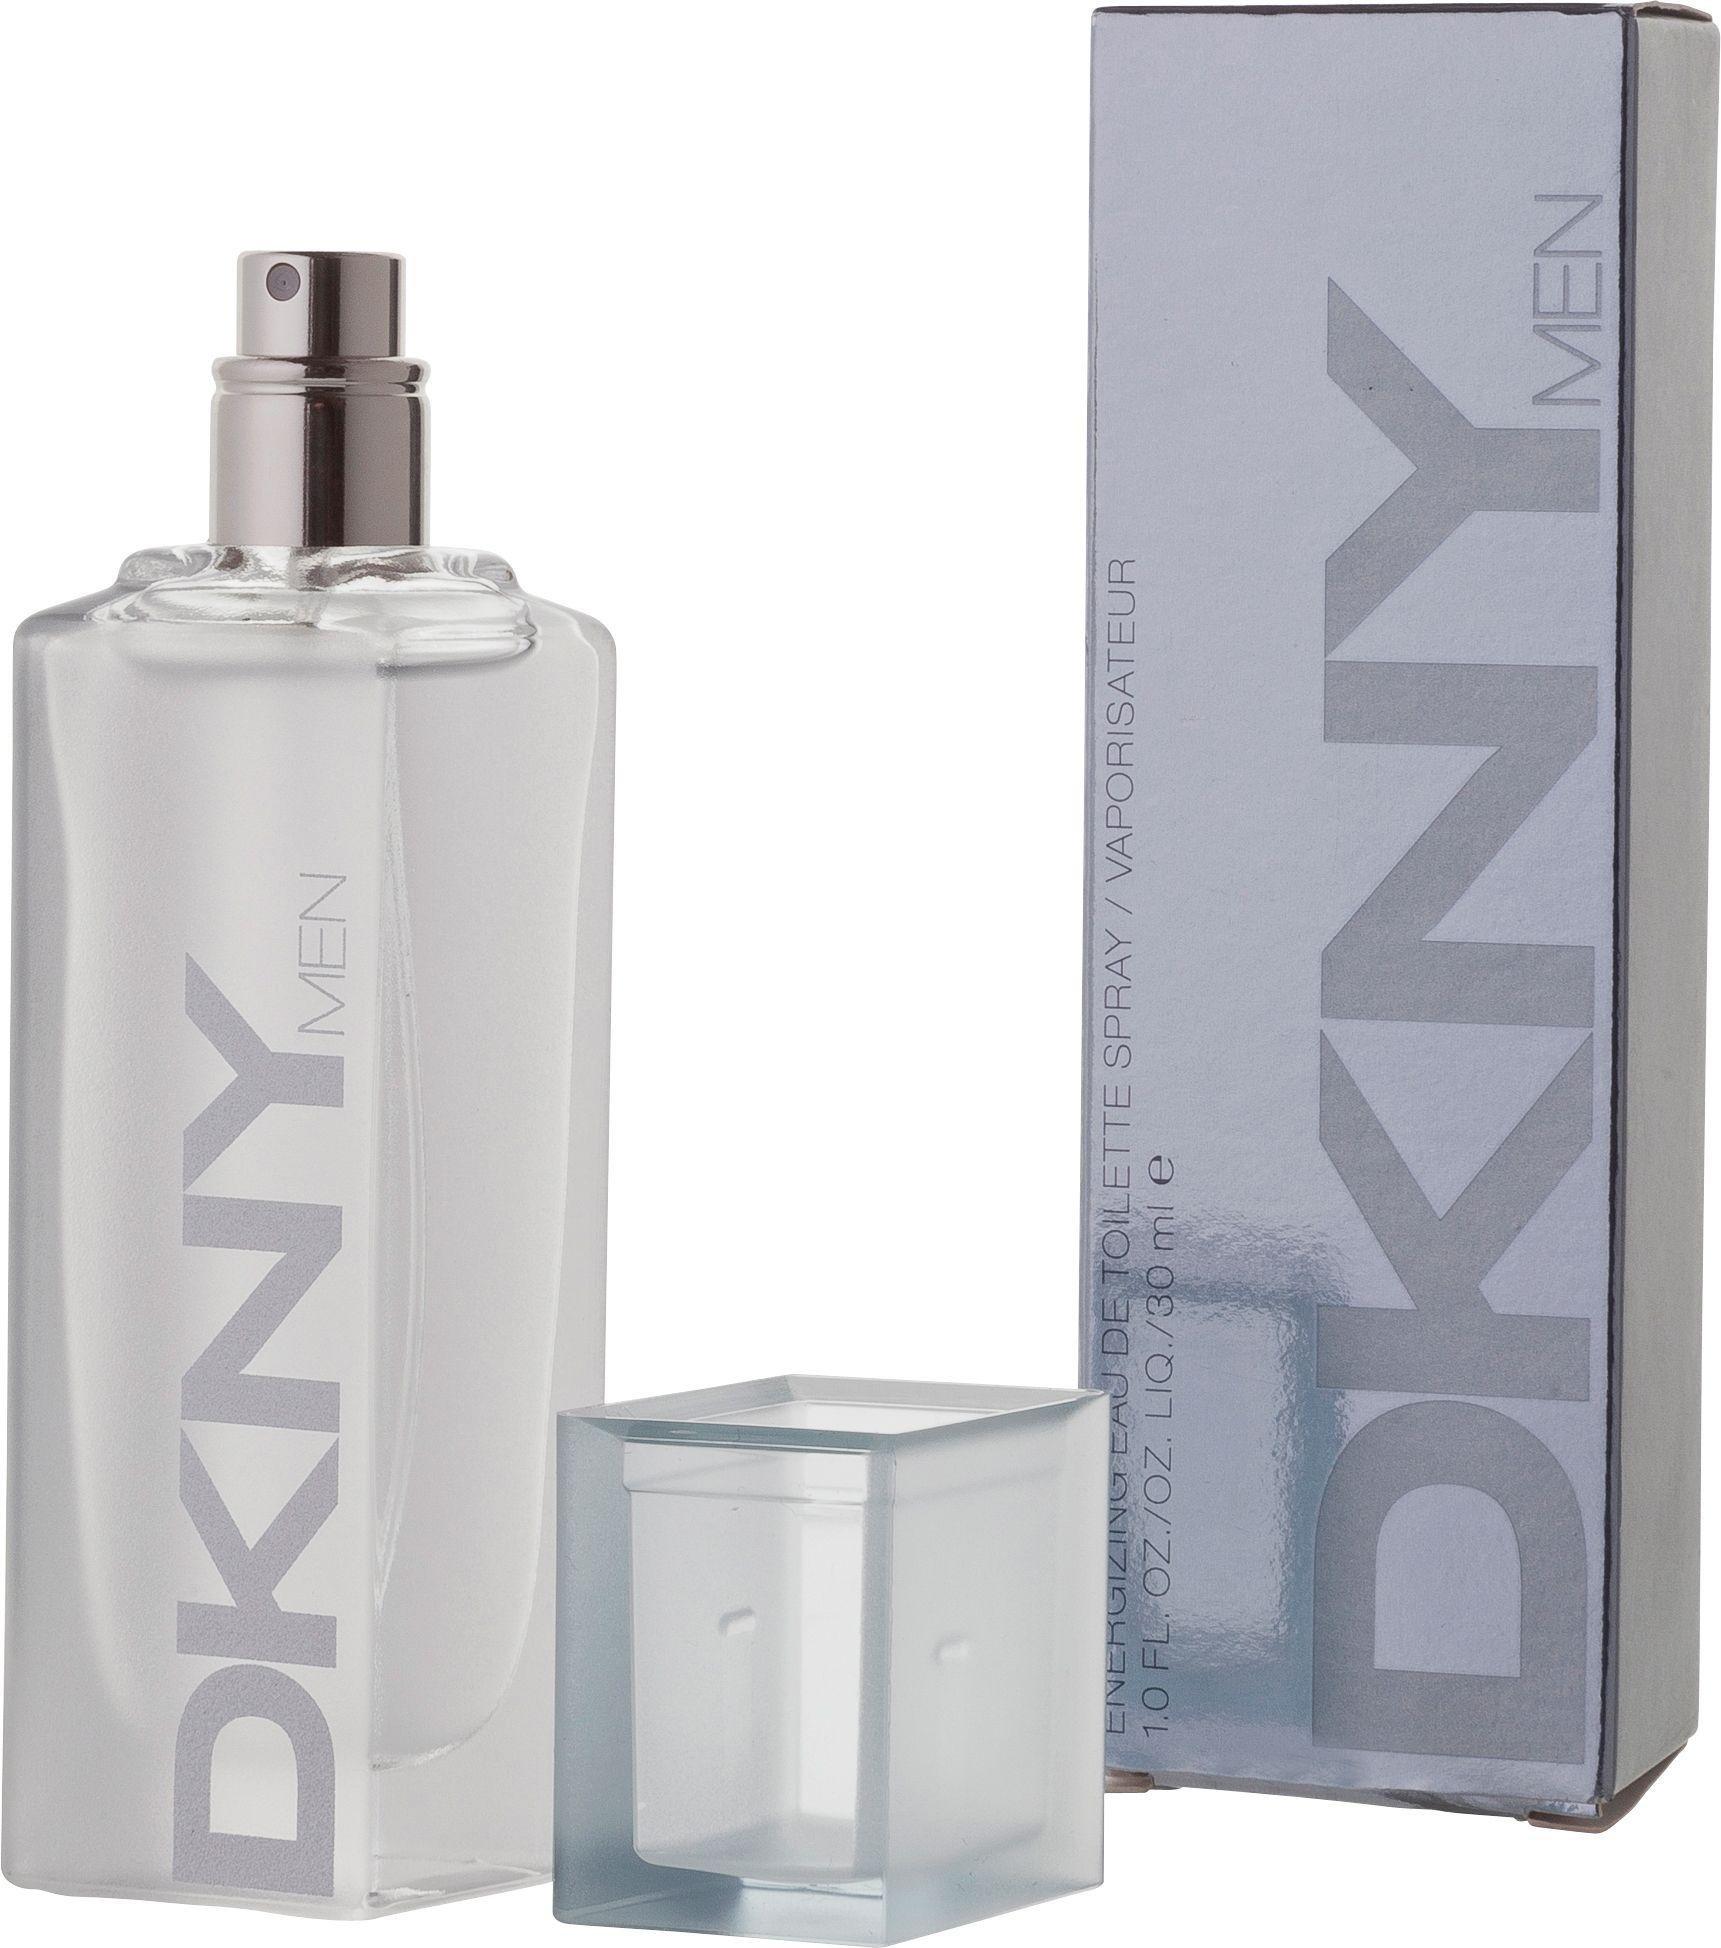 DKNY Male Eau de Toilette for Men - 30ml